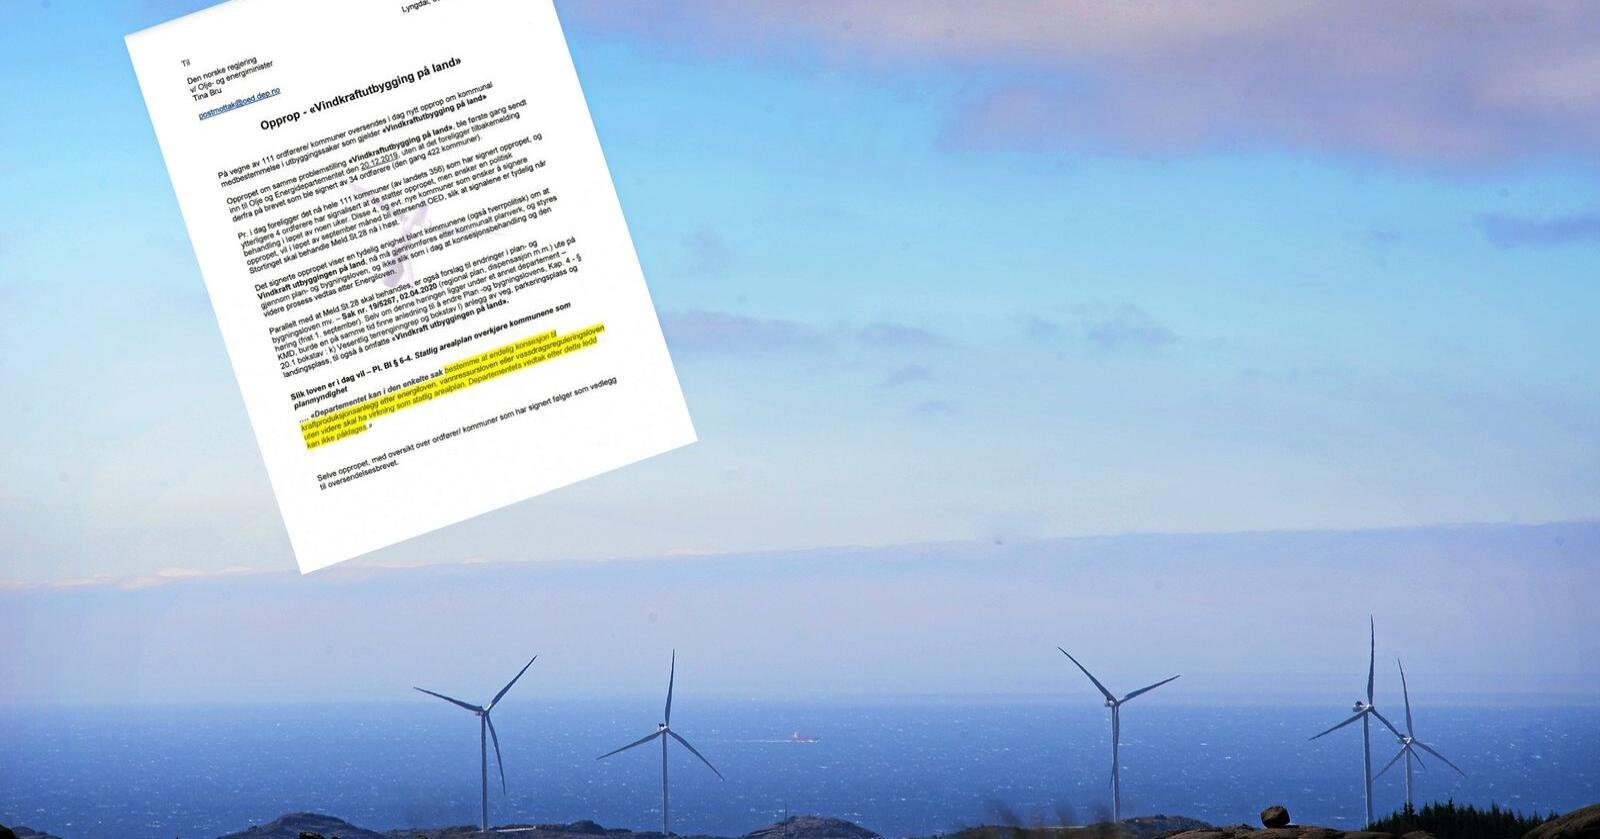 111 kommuner står bak oppropet som nå er sendt til Olje- og energiminister Tina Bru. Foto: Siri Juell Rasmussen